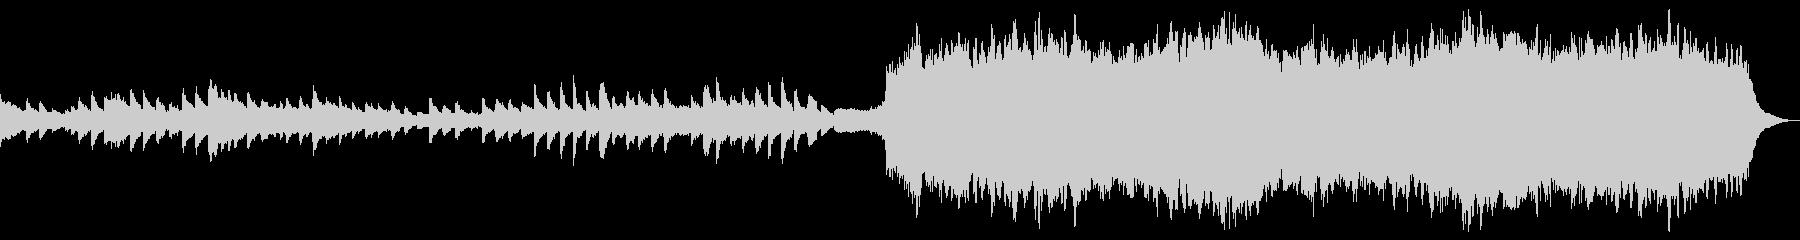 現代的 交響曲 ドラマチック ゆっ...の未再生の波形